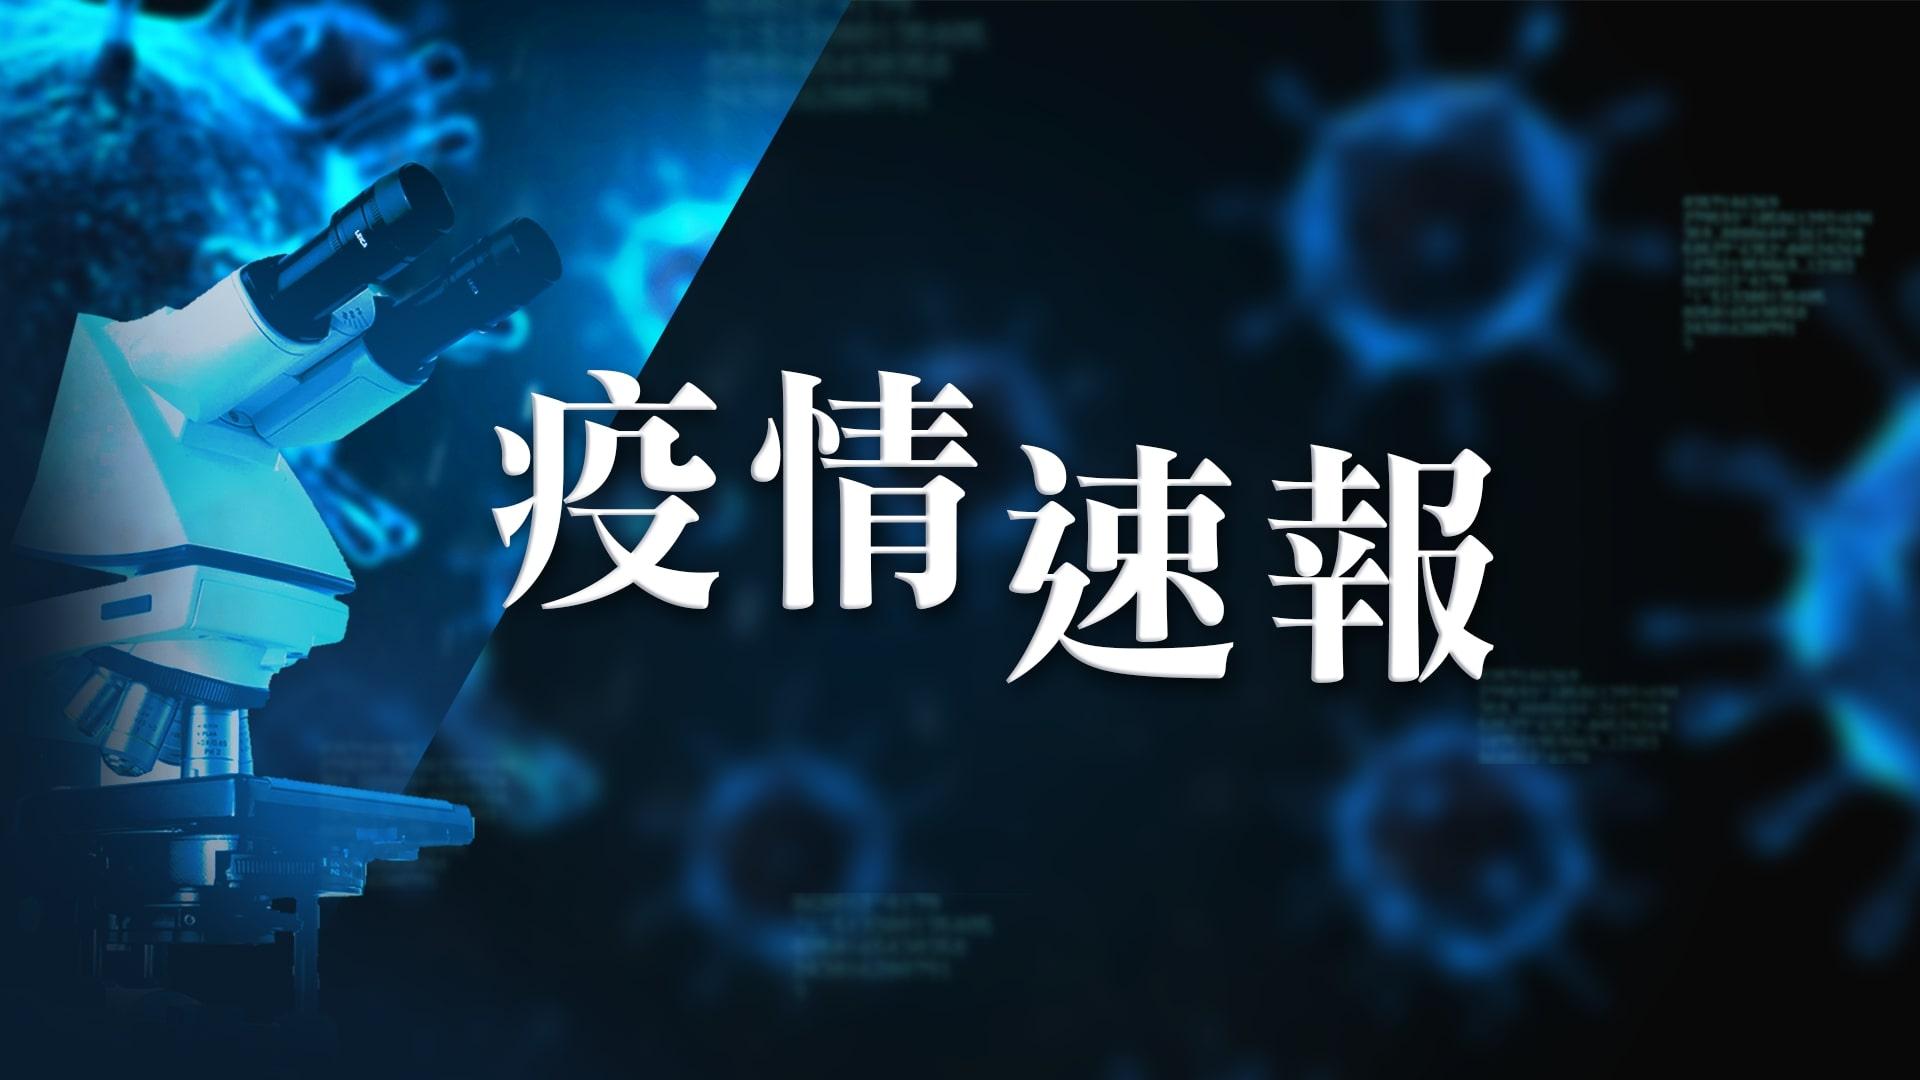 【9月7日疫情速報】(23:05)